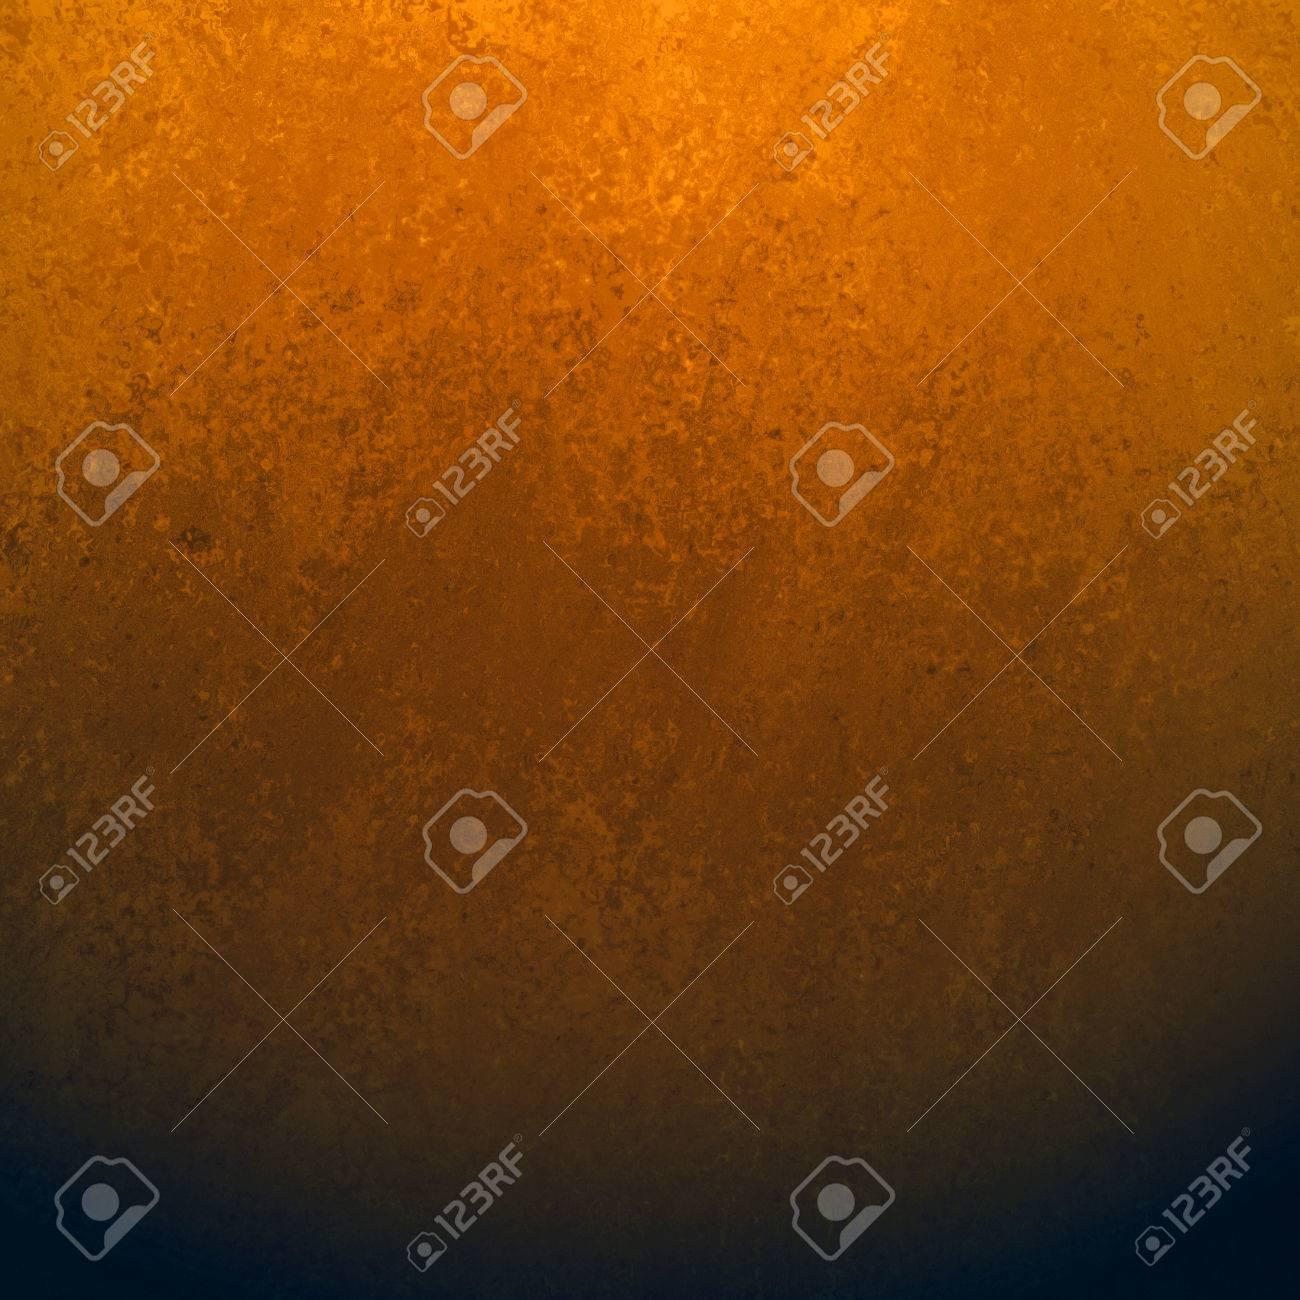 Fond Noir Avec Une Texture Cuivre Grunge Bordure Orange Gradient Couleur Orange Vif Mélangé Dans La Couleur Noir Foncé élégant Fond Chic Avec Murs